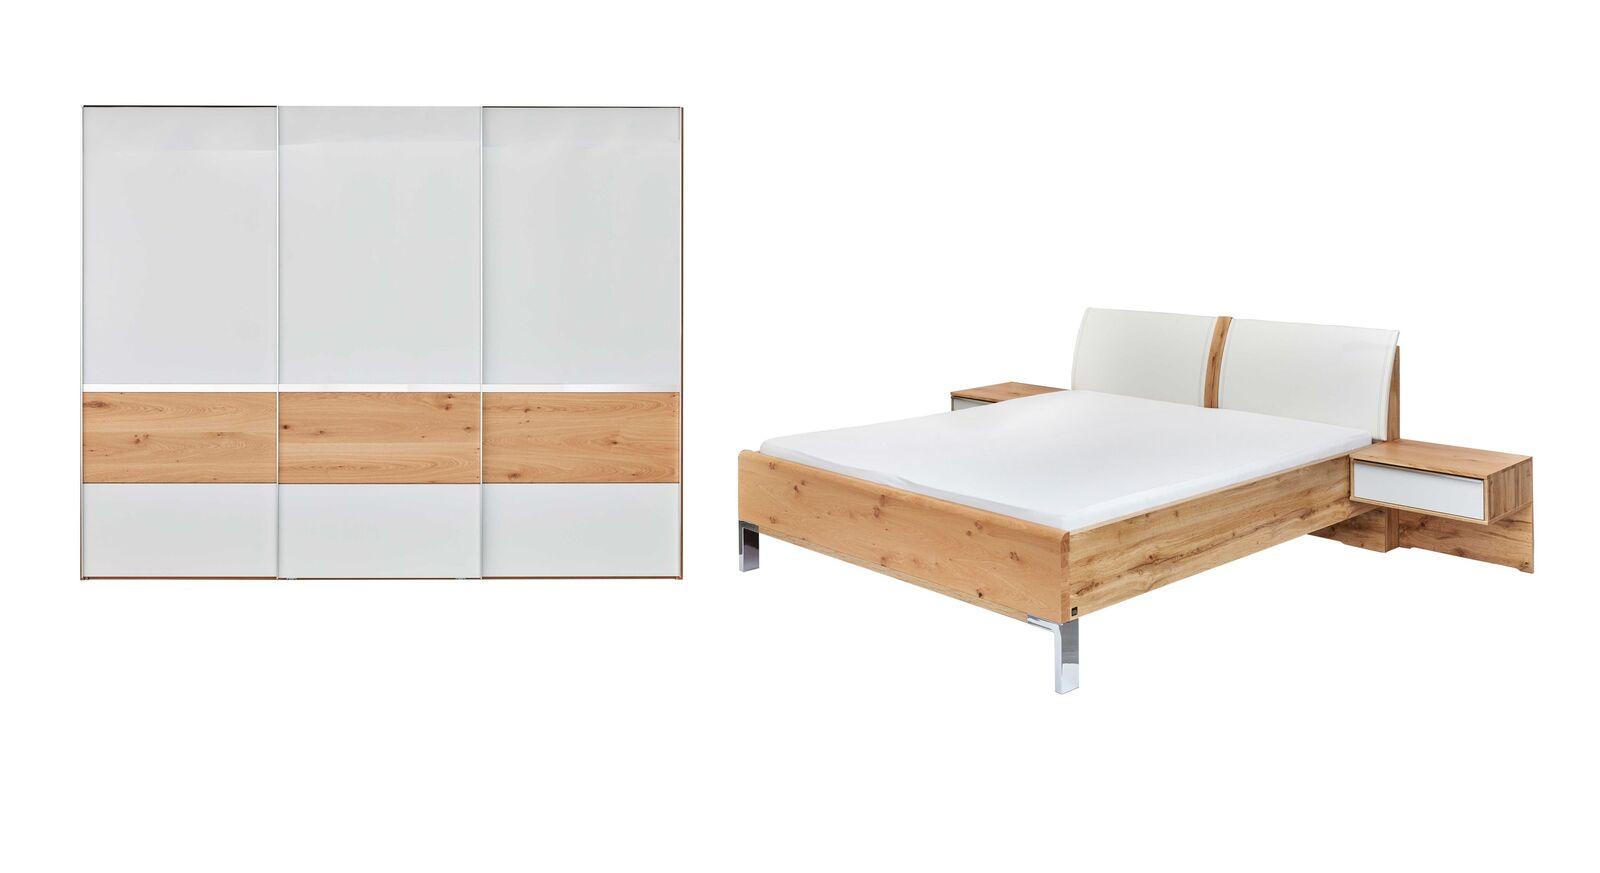 INTERLIVING Schlafzimmer 1202 mit Schrank Bett und Nachttischen